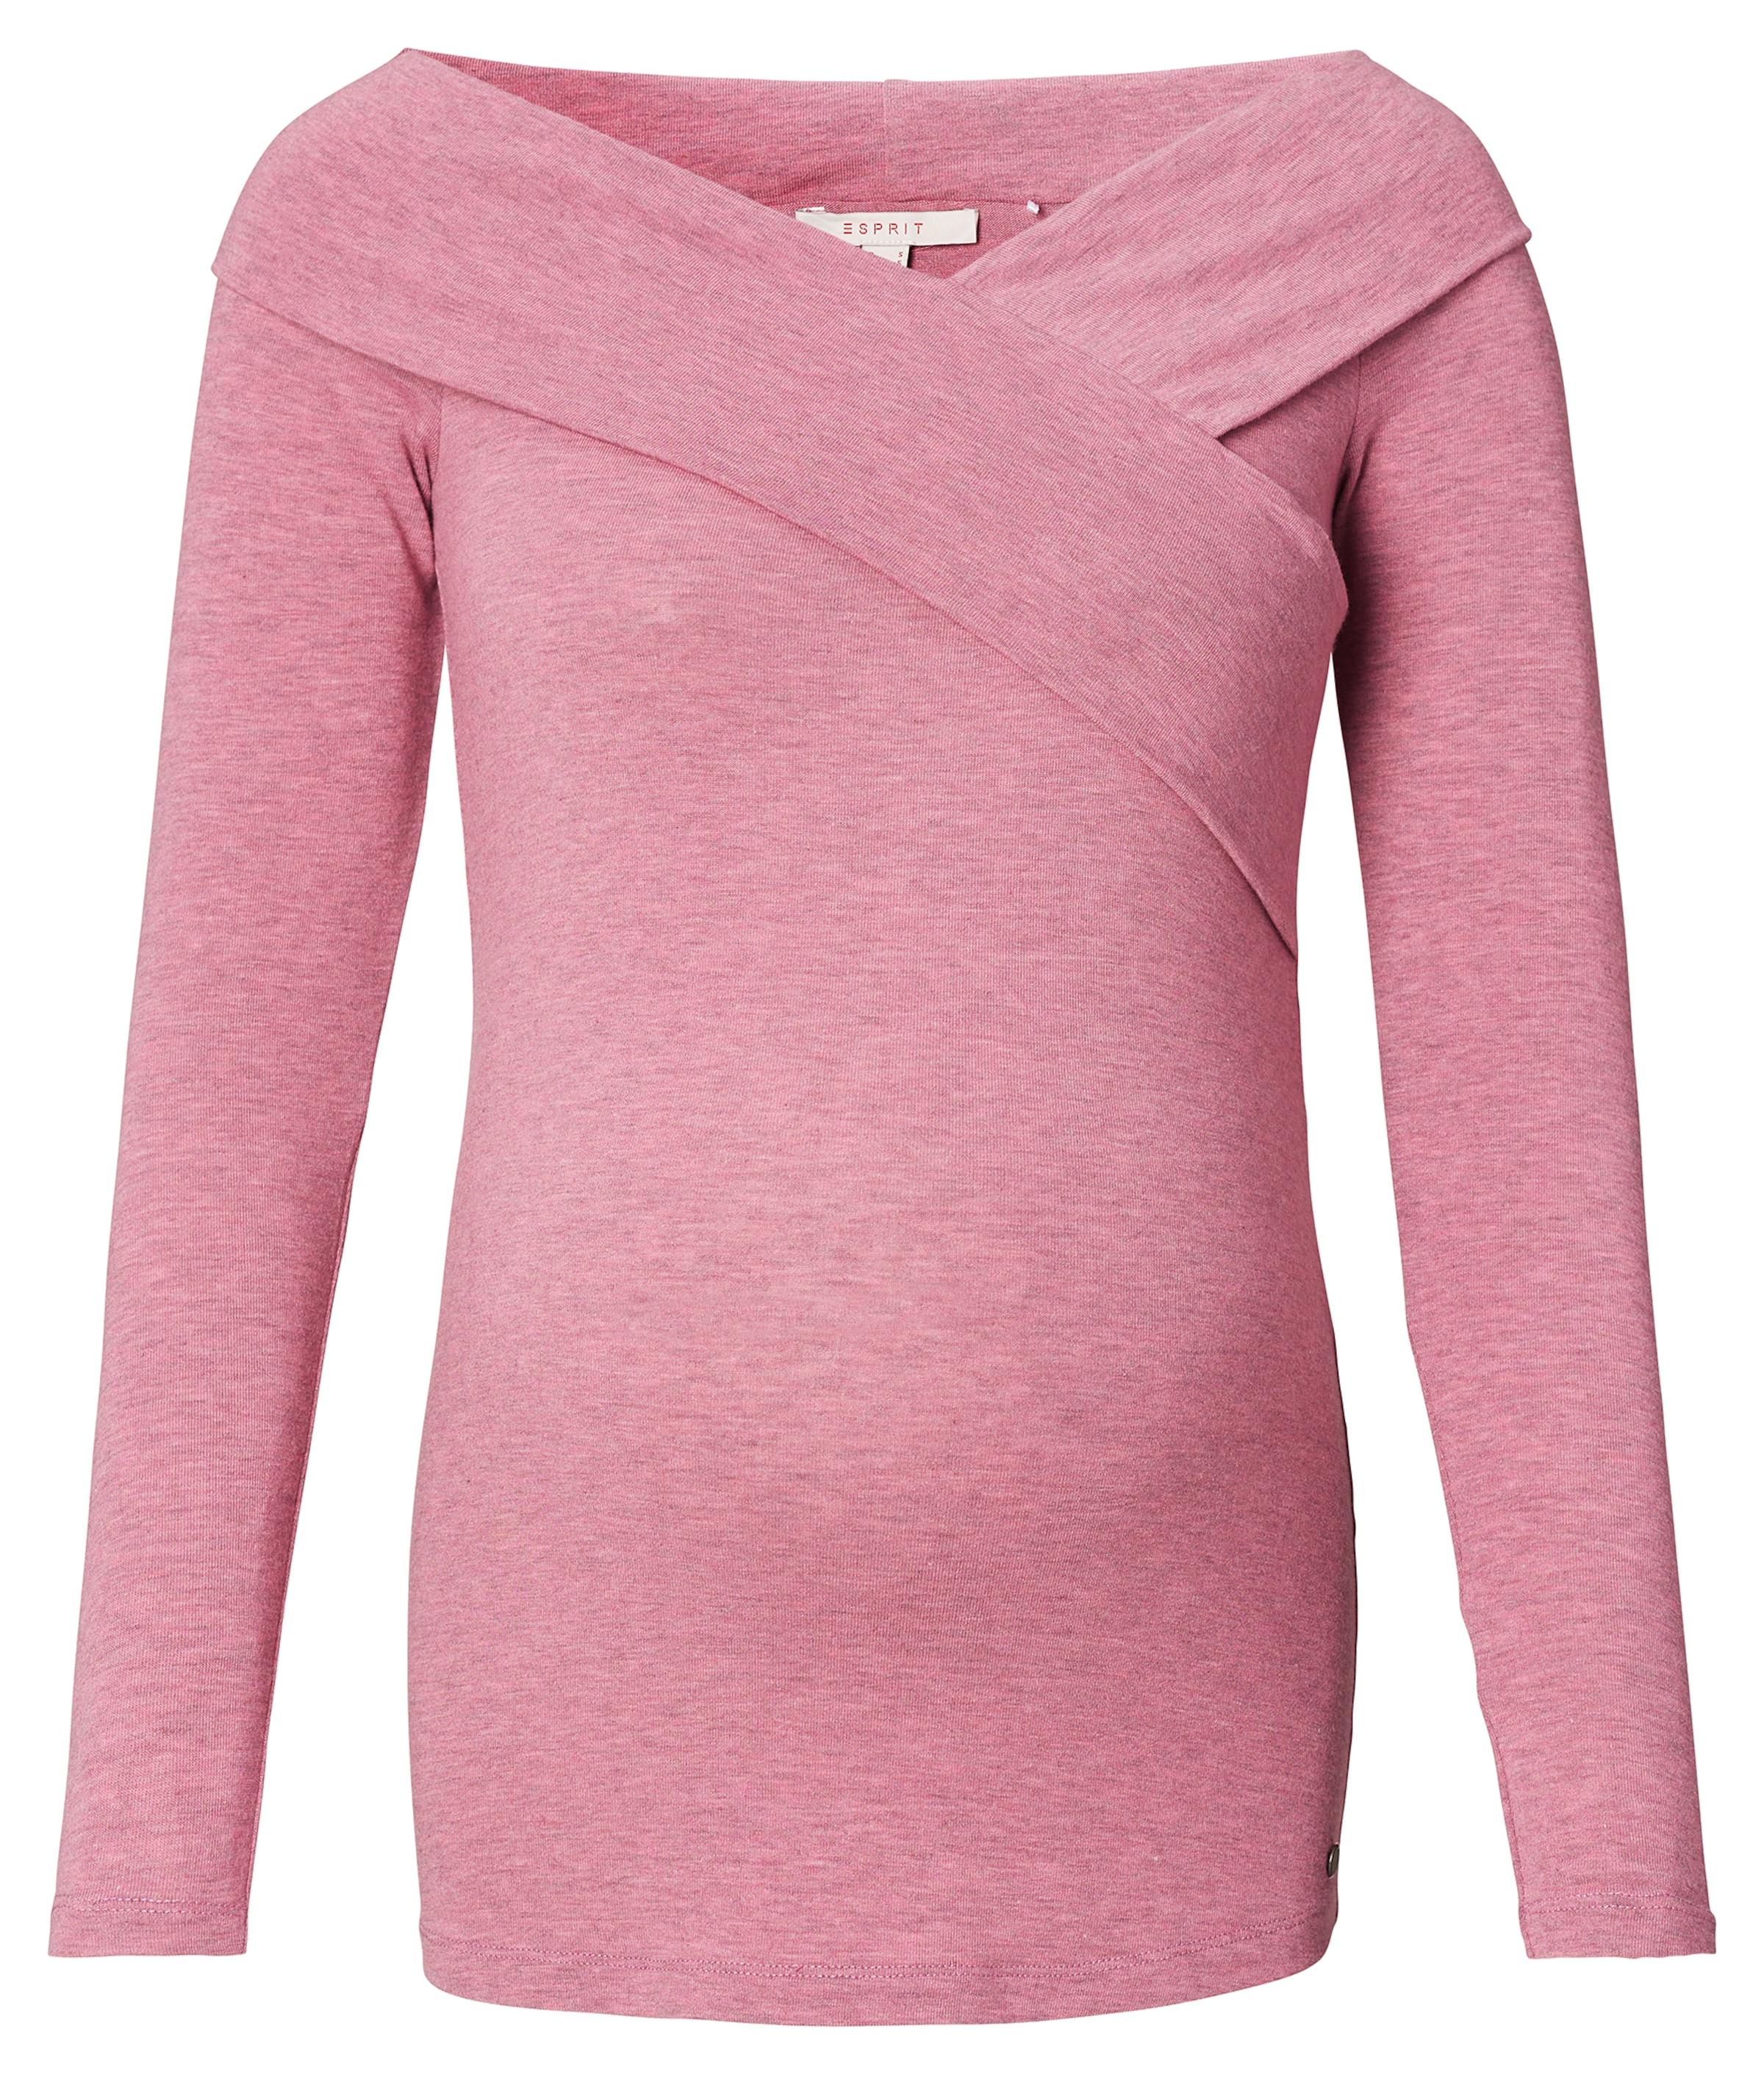 Footlocker Online Esprit Maternity Still-Shirt Mit Kreditkarte Zu Verkaufen Viele Arten Von Online-Verkauf bgrtZD